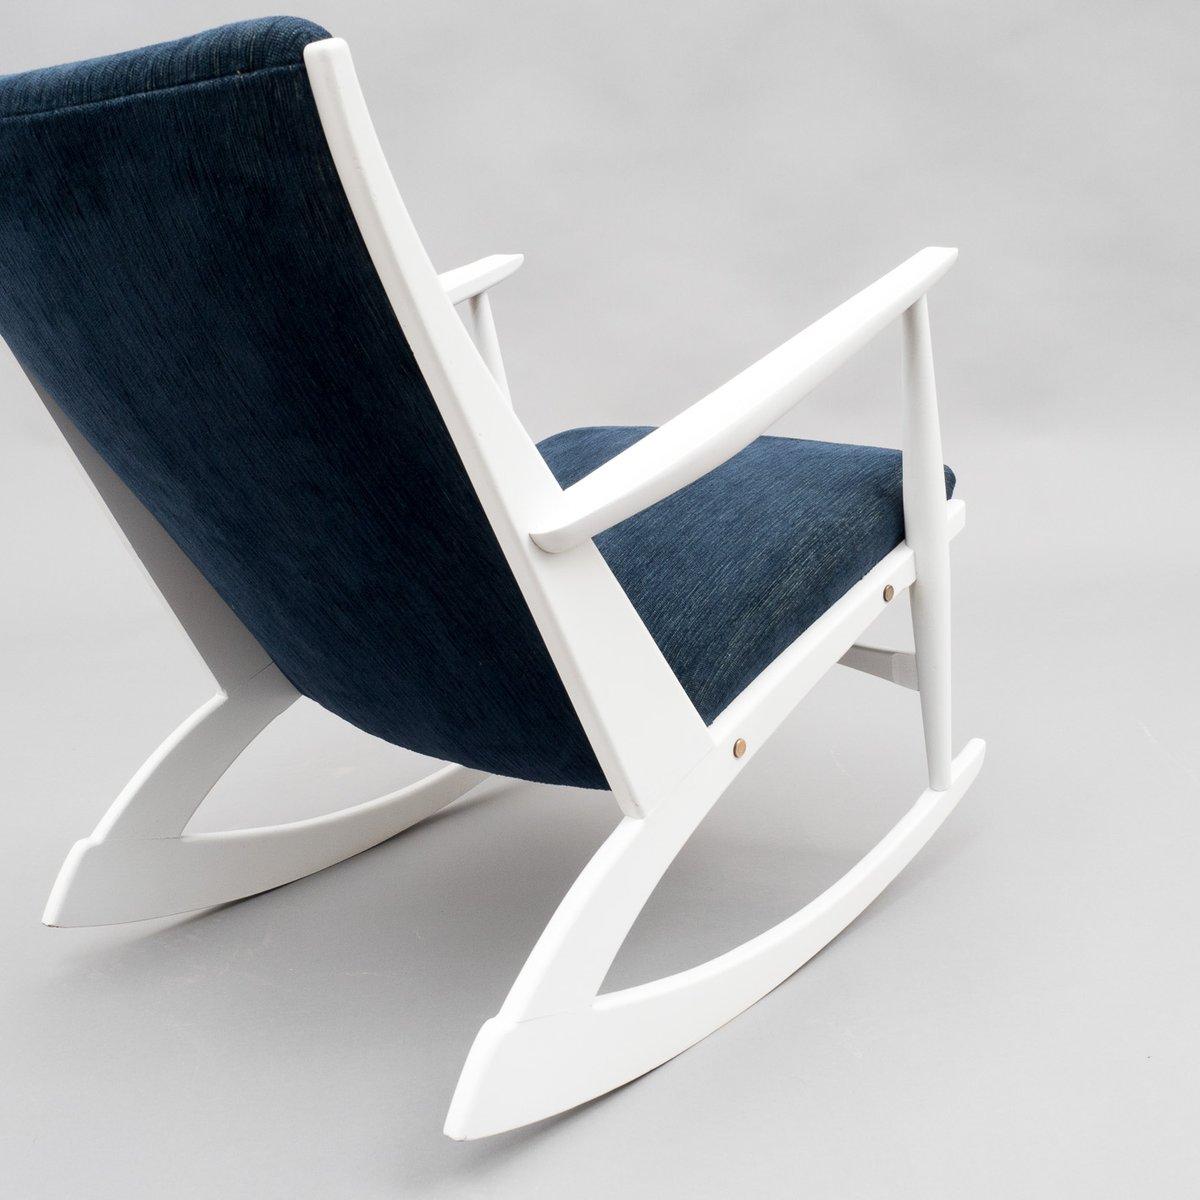 rocking chair avec repose pied 1960s en vente sur pamono. Black Bedroom Furniture Sets. Home Design Ideas